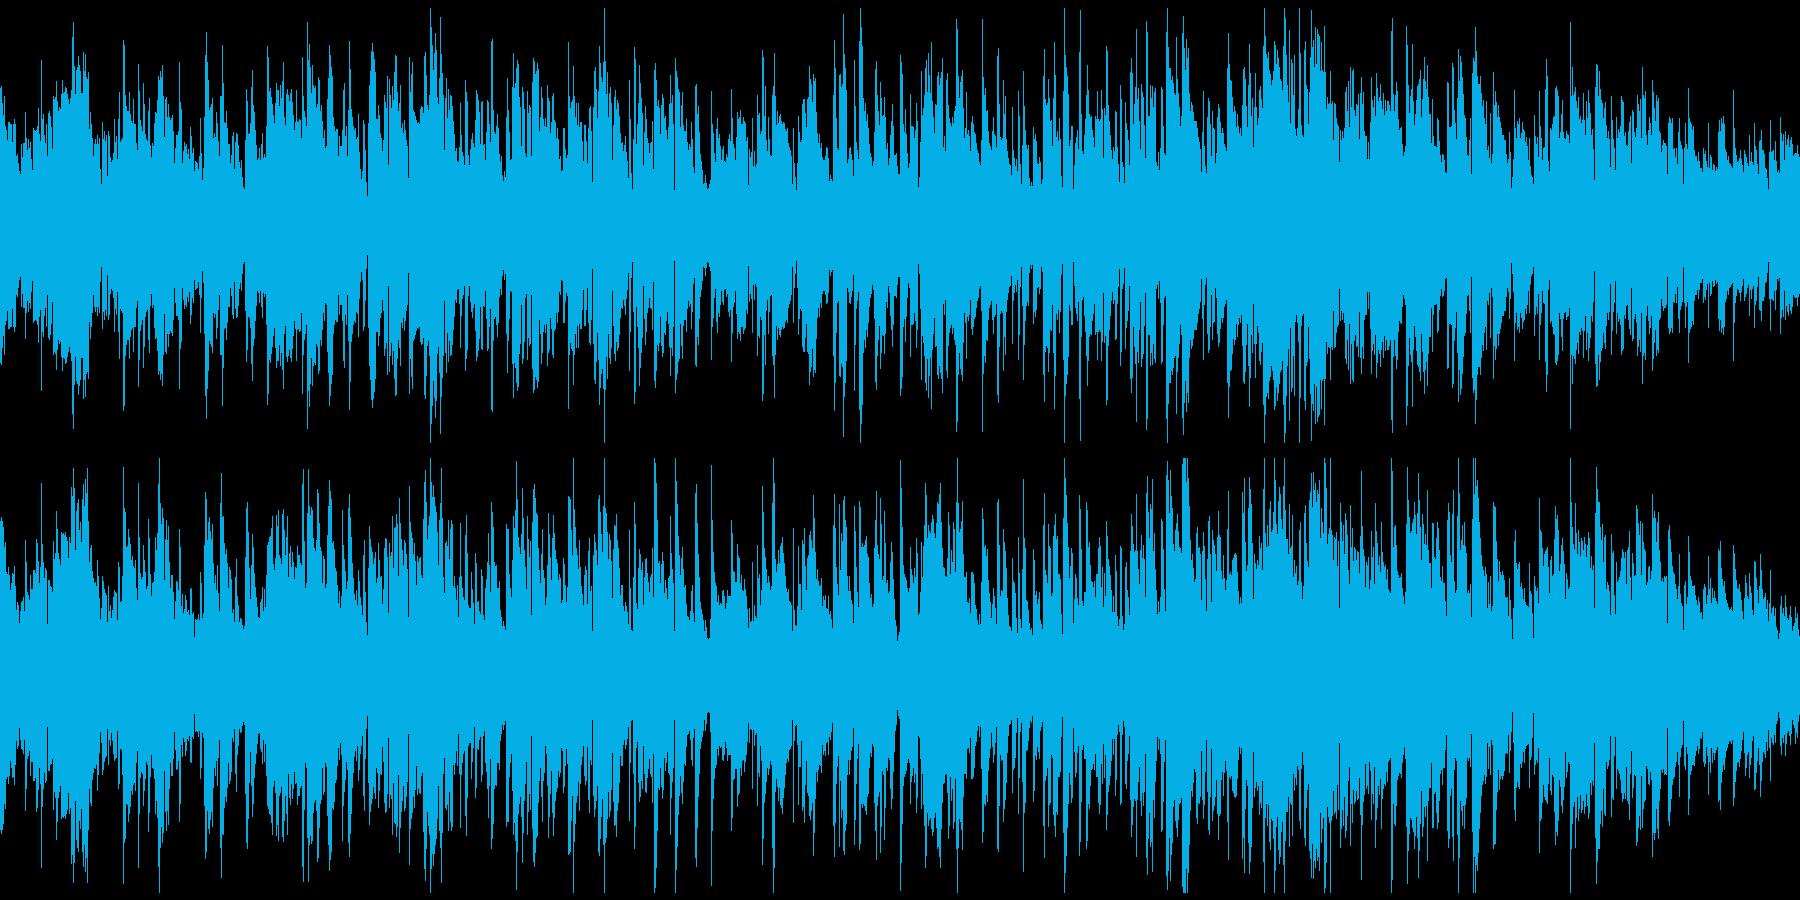 サックス生演奏のボサノバジャズ※ループ版の再生済みの波形